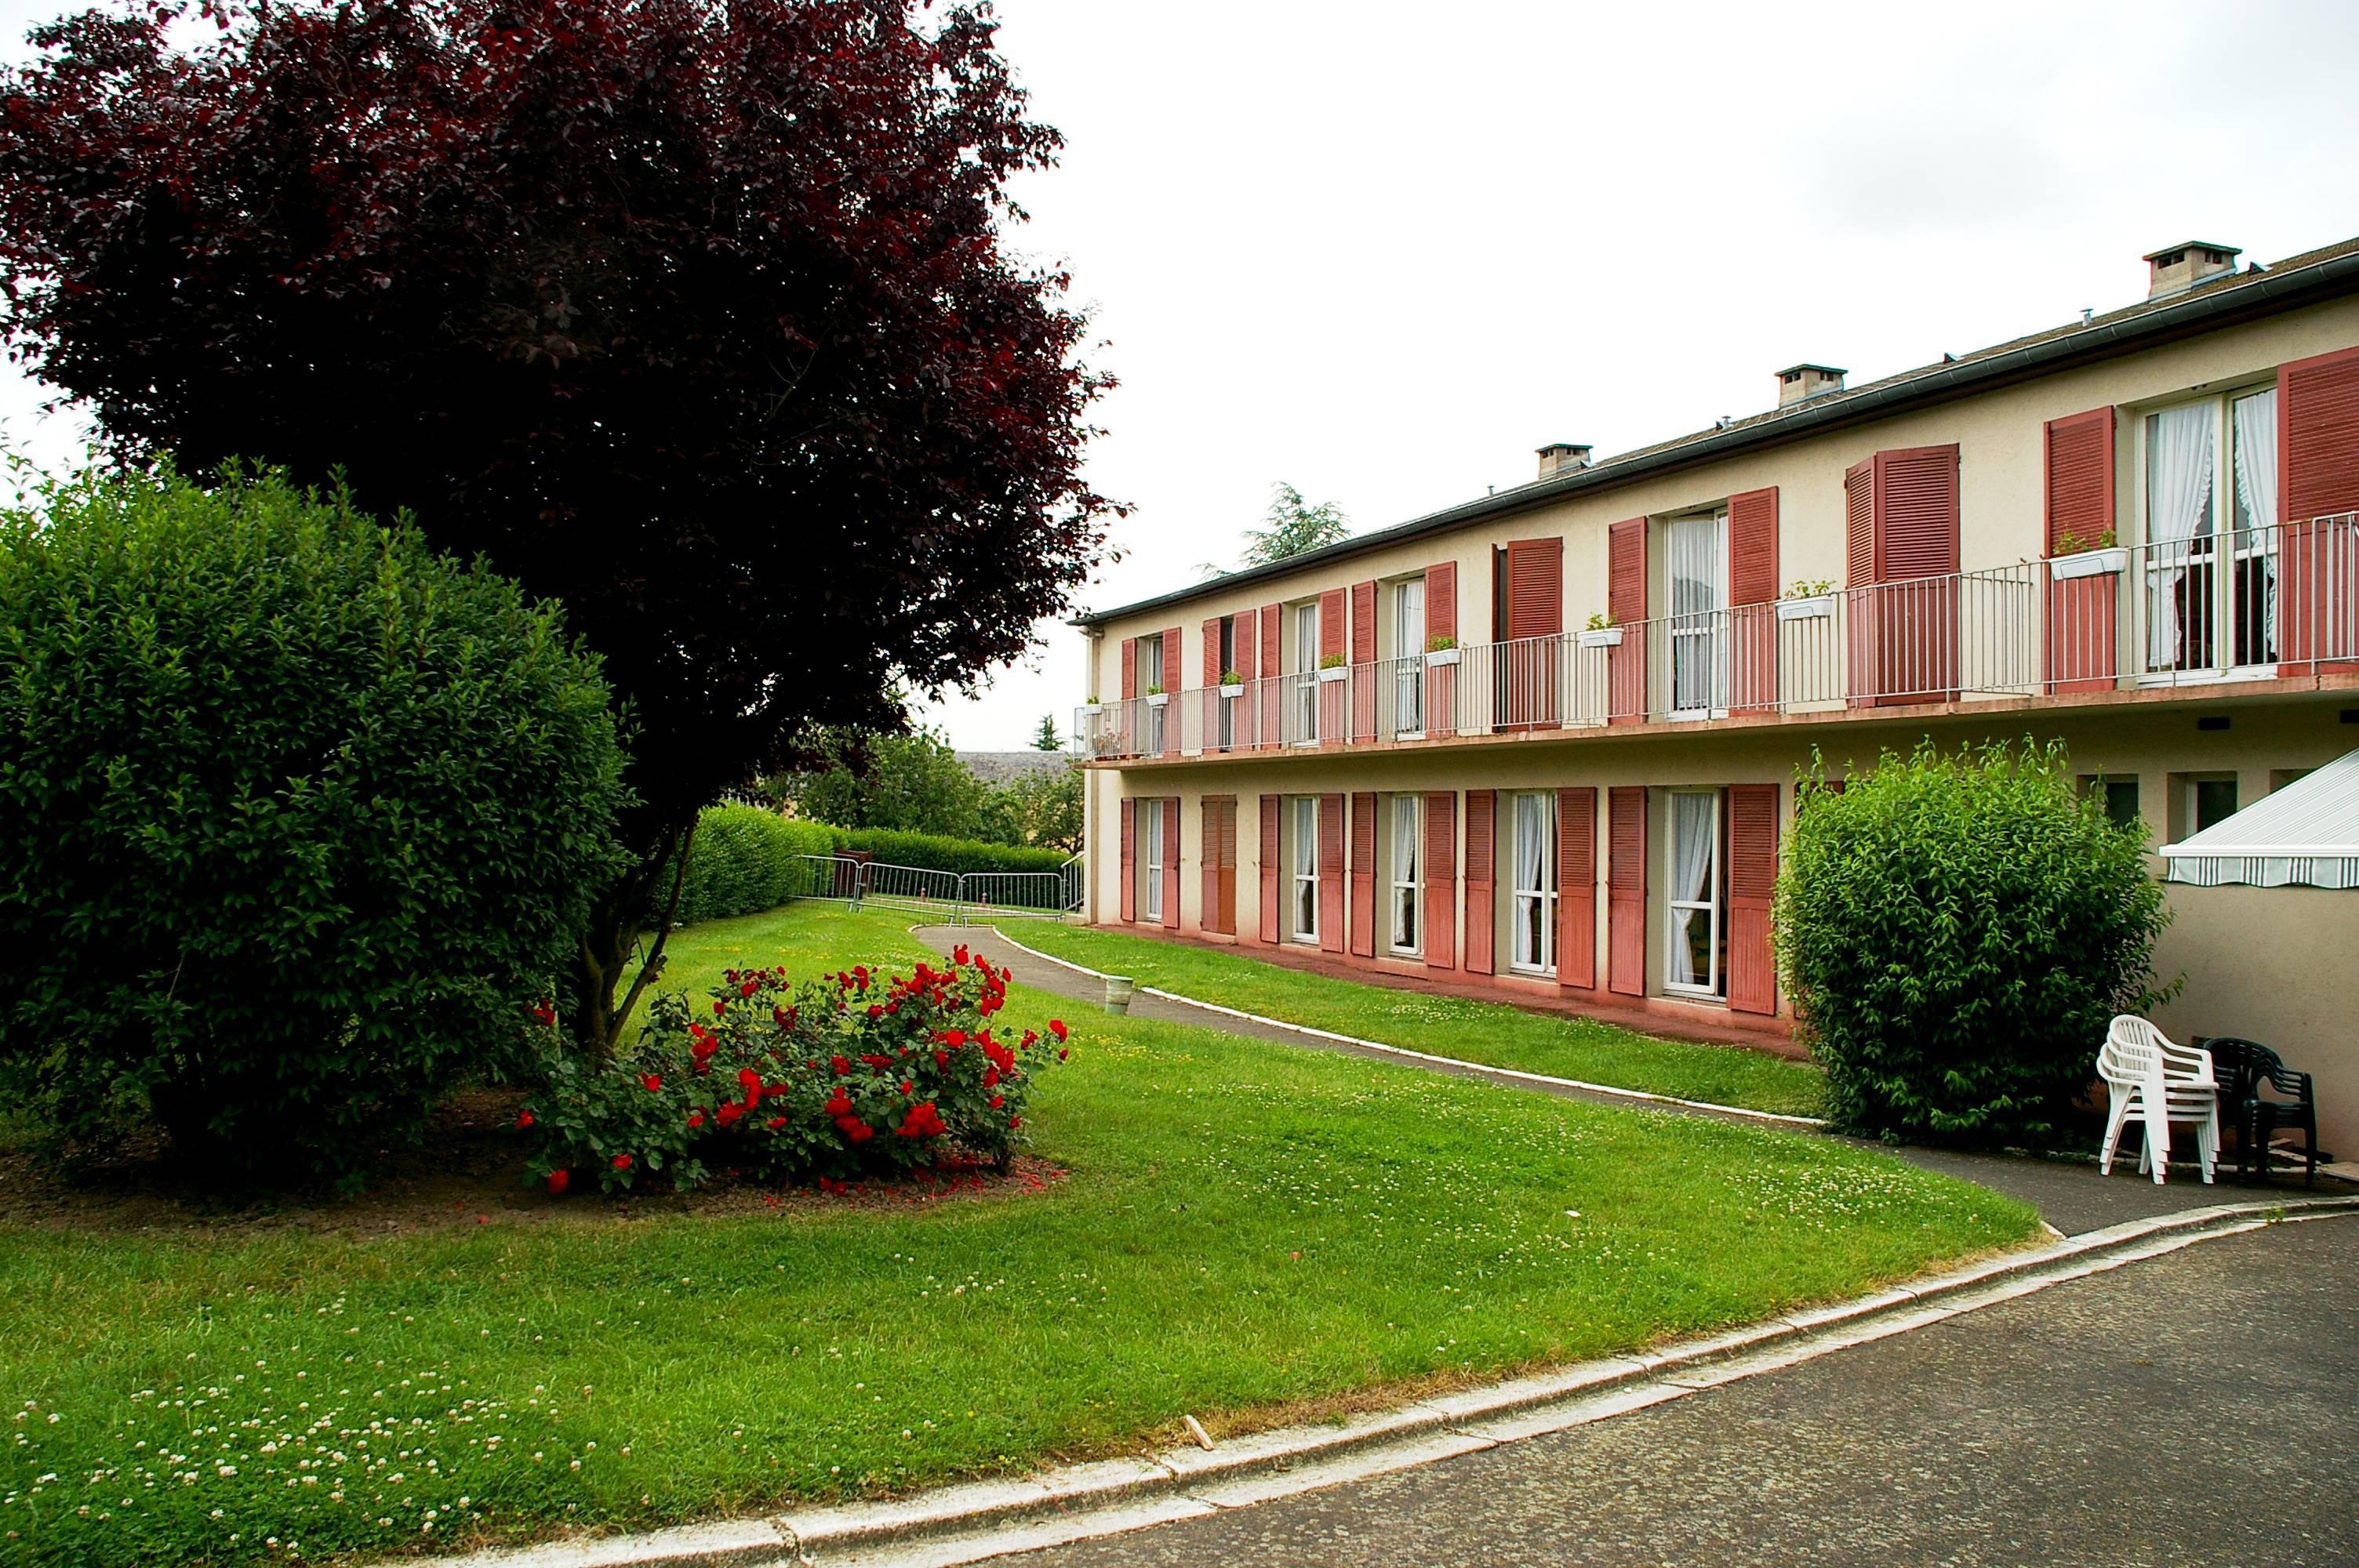 Maison de retraite brezolles f d ration hospitali re for Annuaire maison de retraite